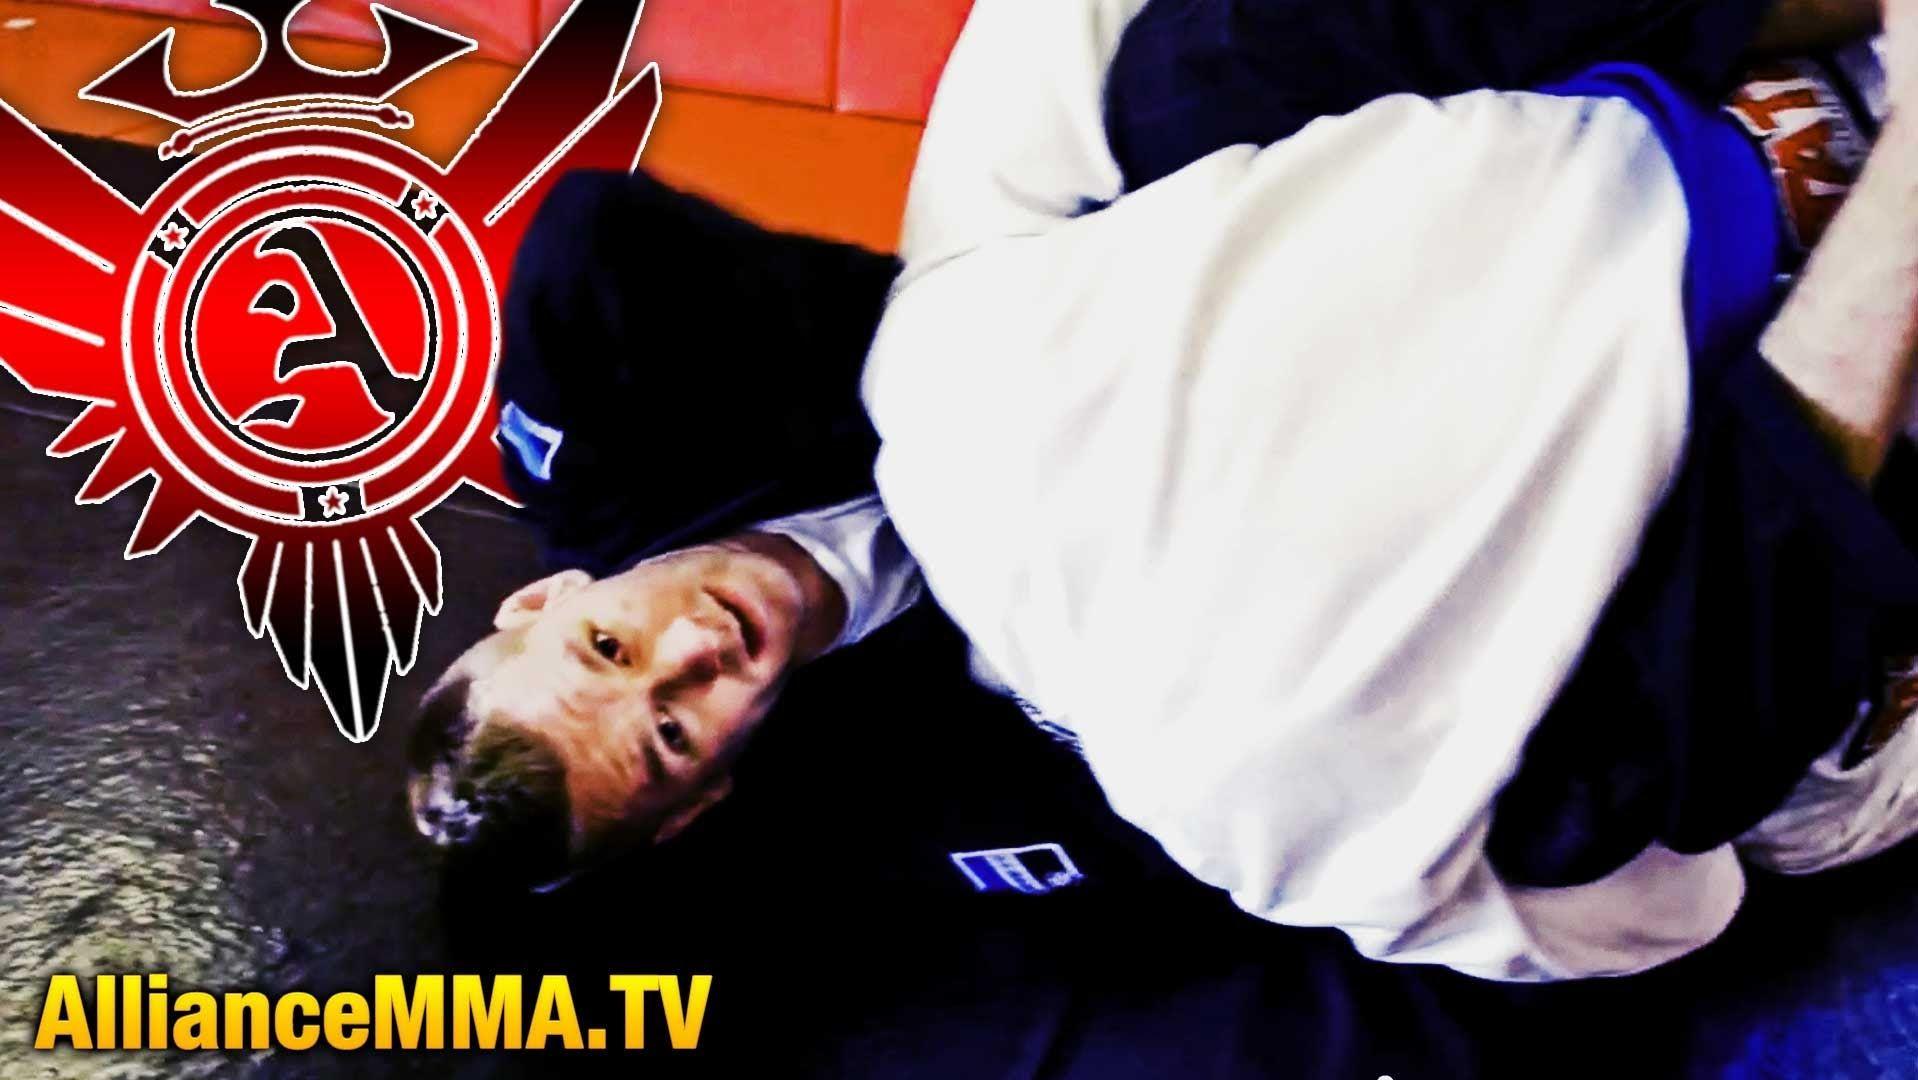 Guillotine Choke Brazilian Jiu Jitsu Techniques Bjj Video Alliance Jiu Jitsu Techniques Brazilian Jiu Jitsu Bjj